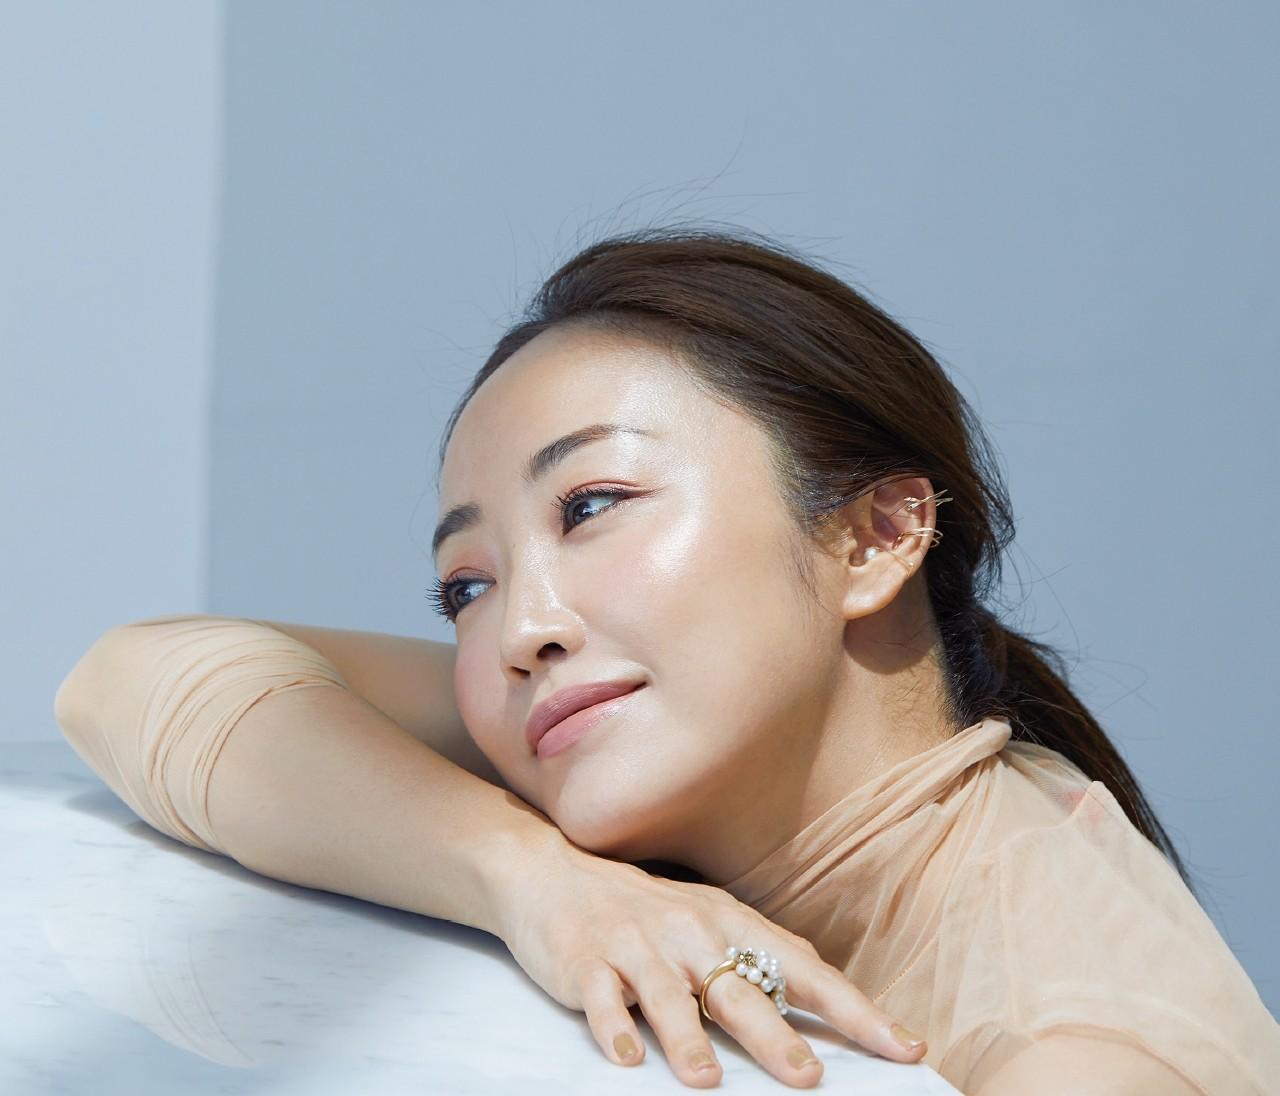 「おでこは私の分身です!」神崎恵さんのおでこが美しいワケ【30代美容】